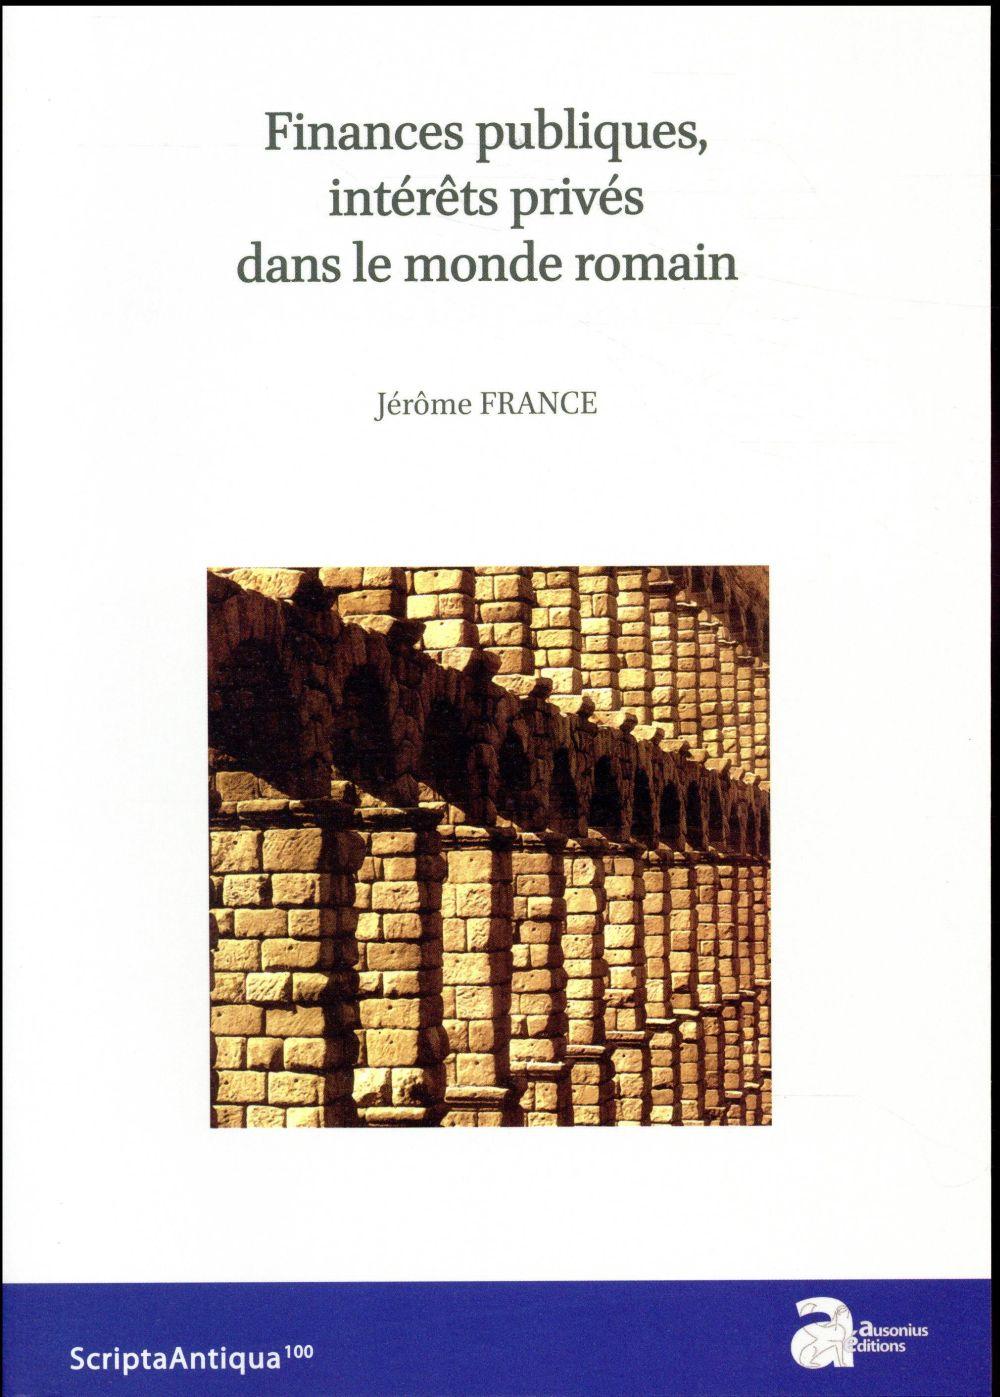 Finances publiques, intérêts privés dans le monde romain